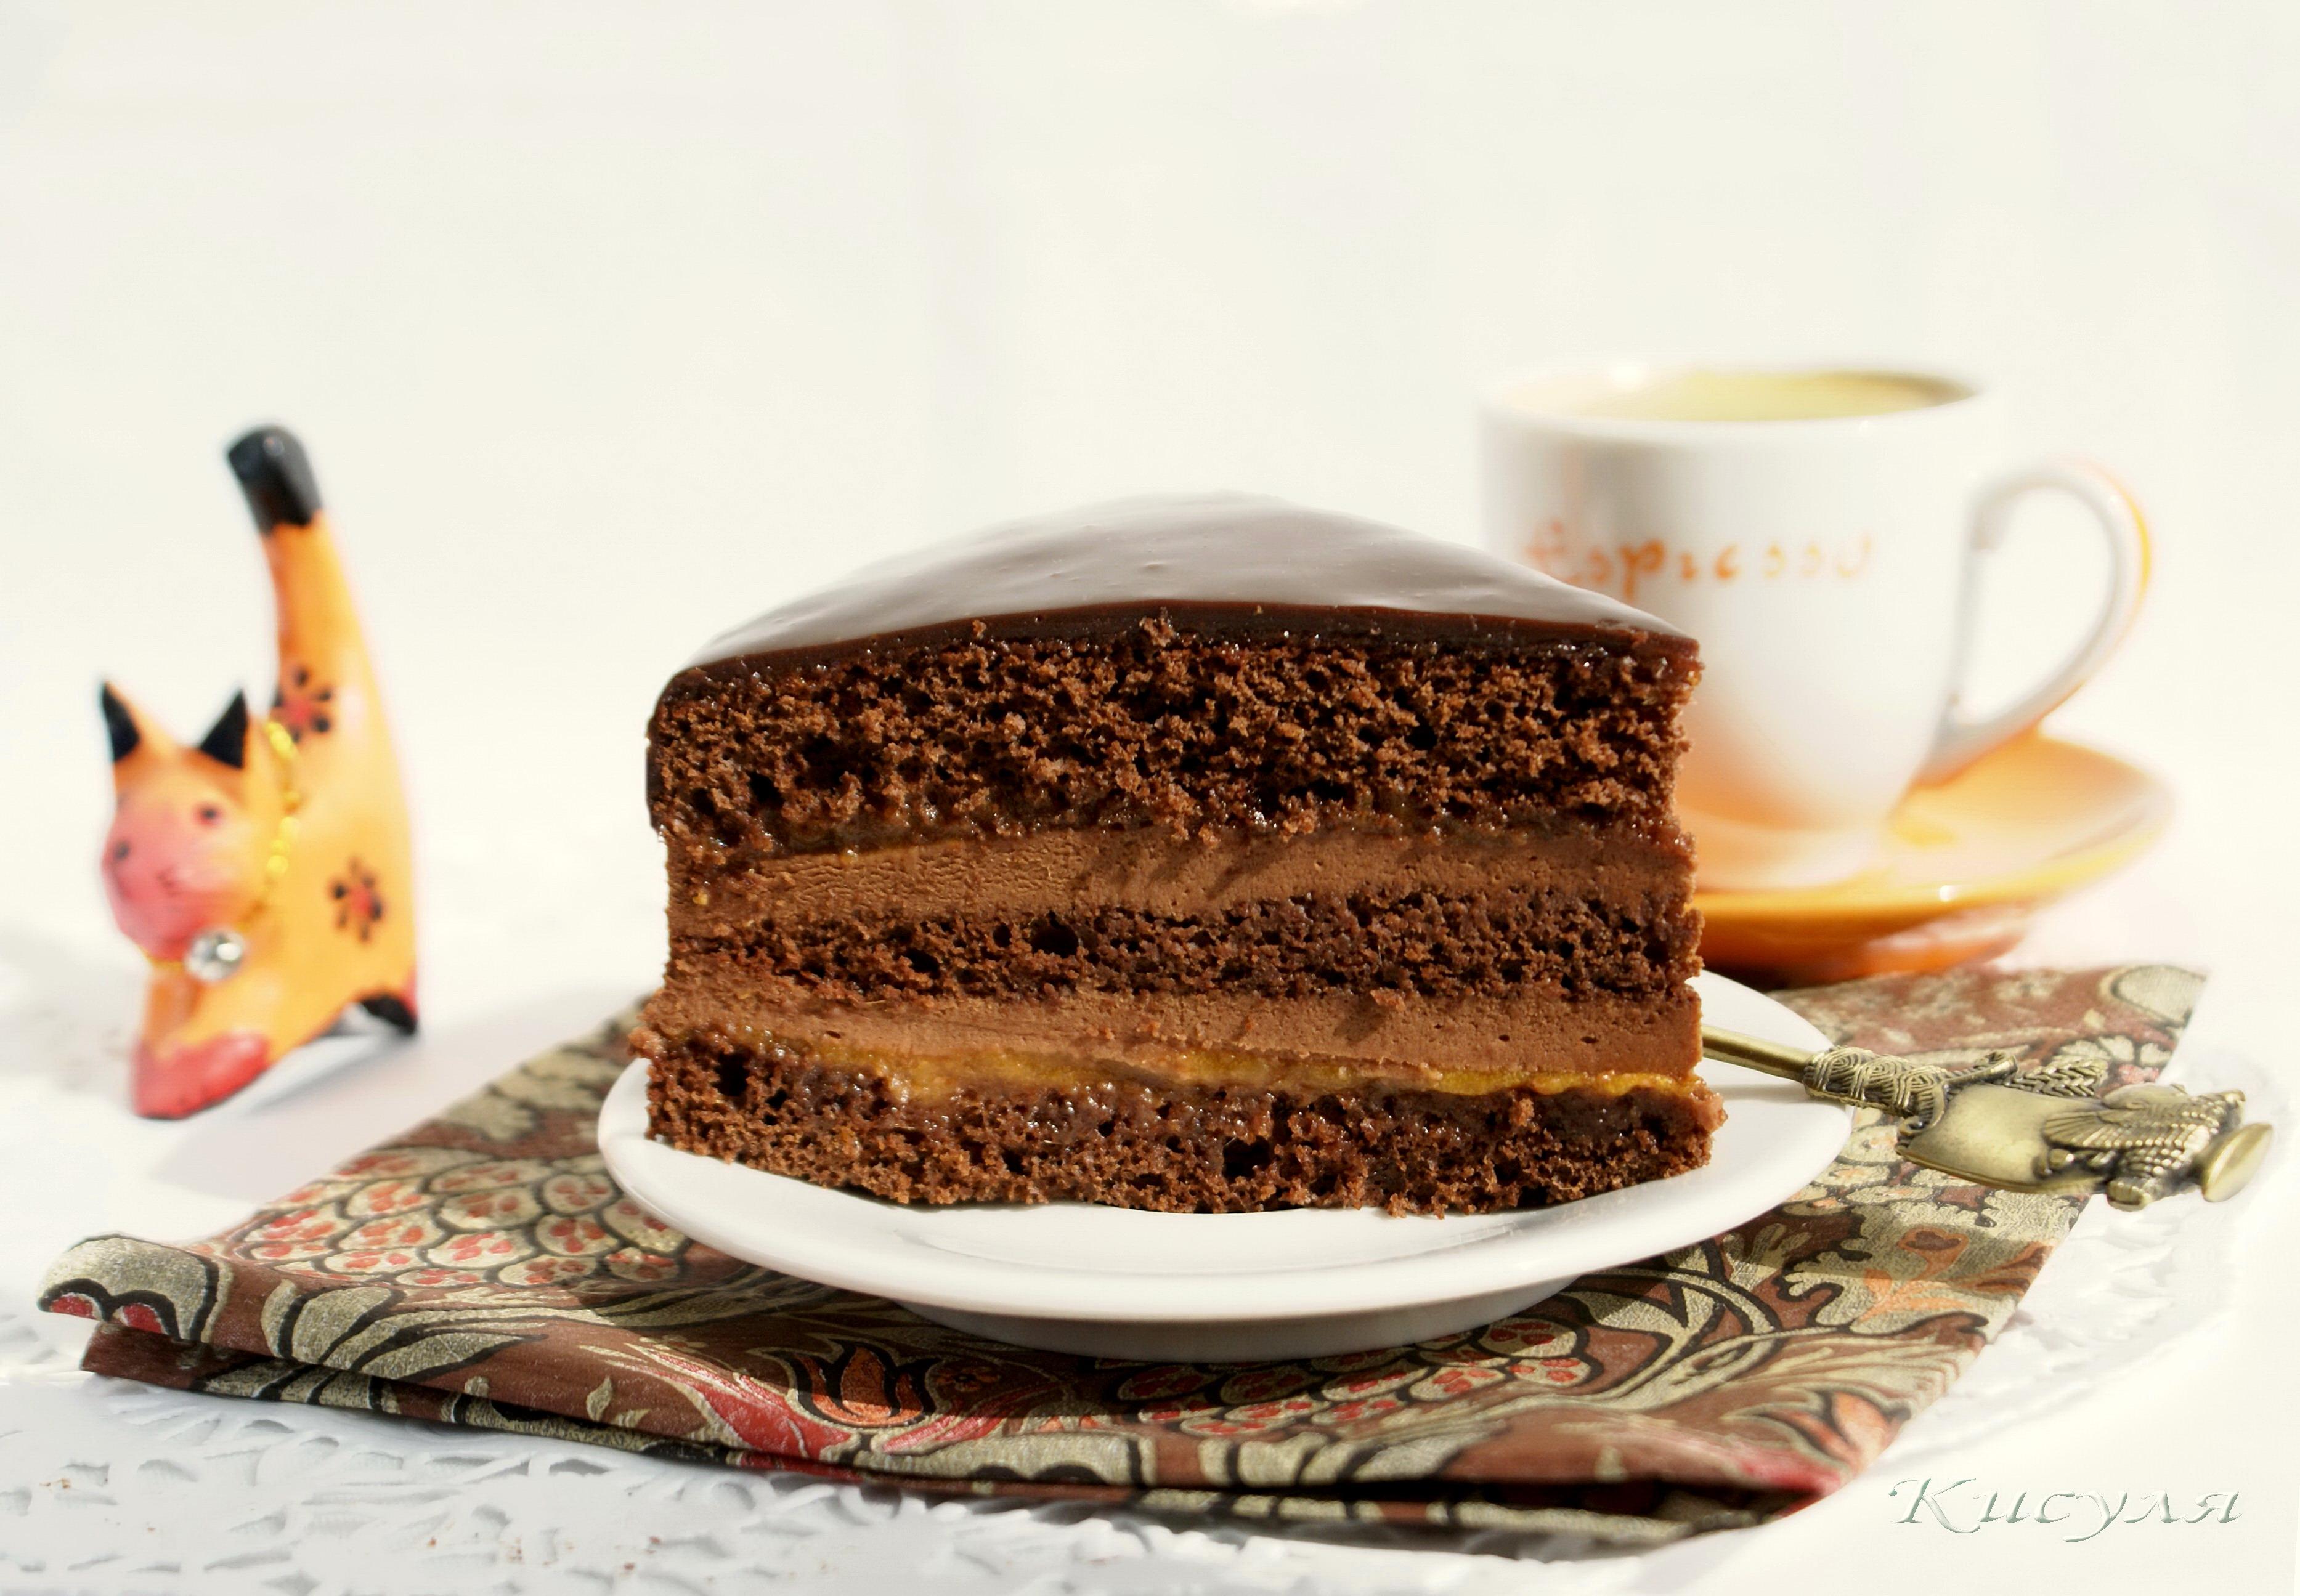 Фото красивые с кофейно-имбирным тортом, открытка лев